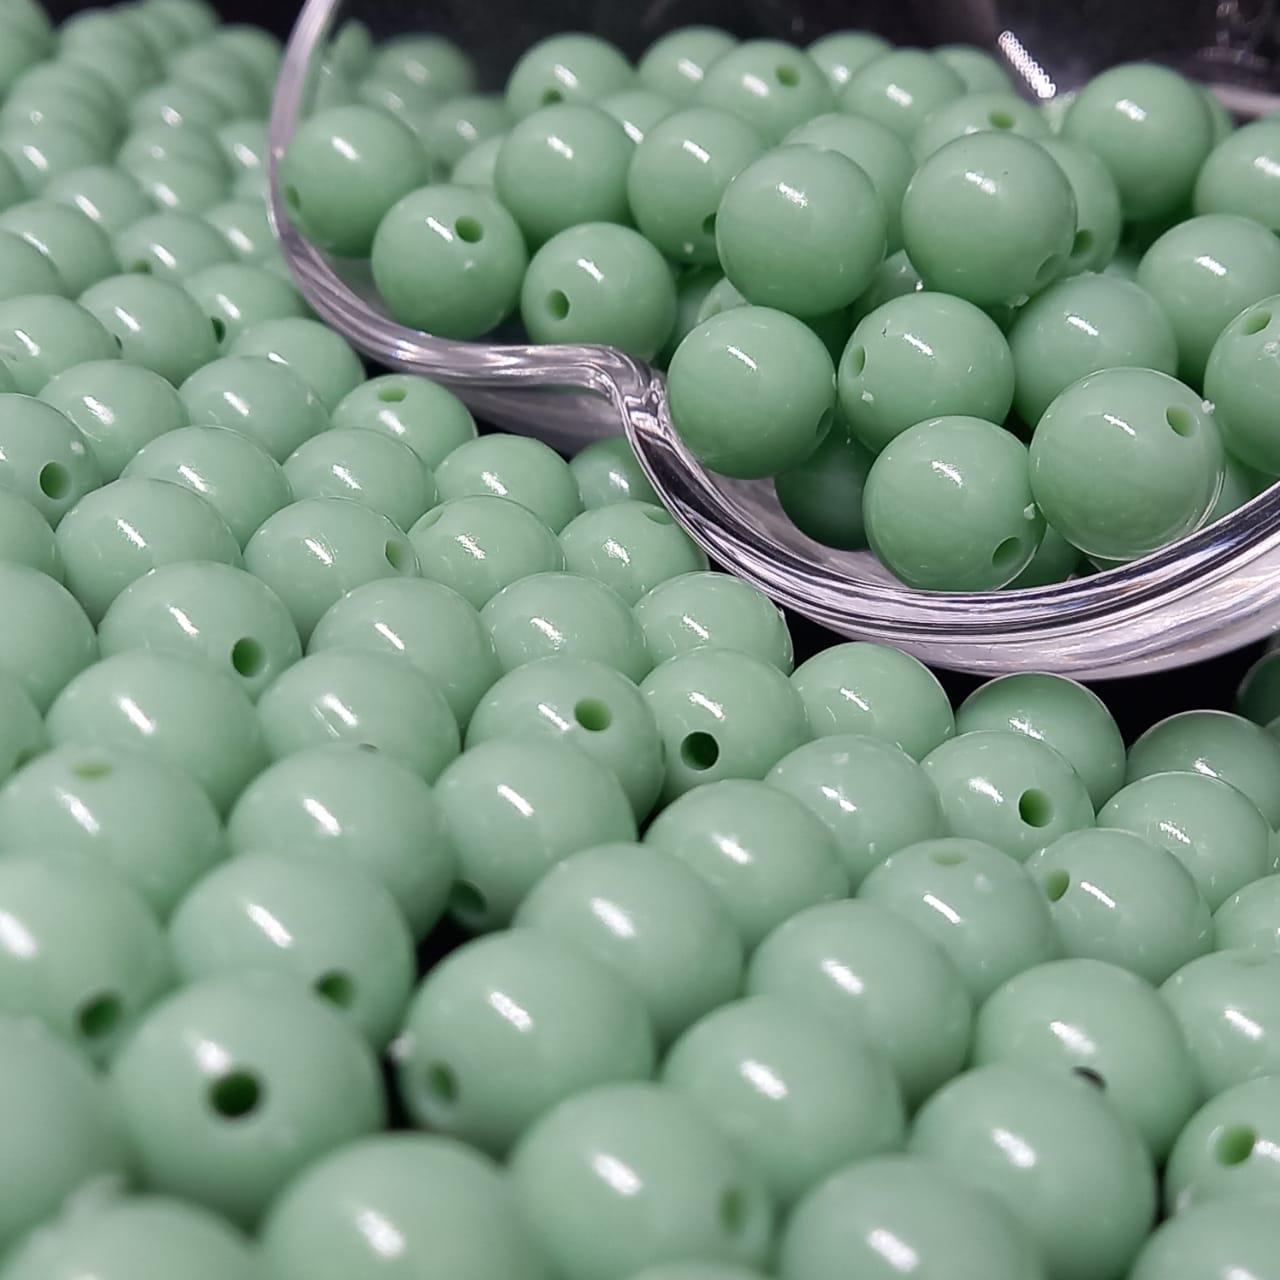 Bolinha de plástico verde claro  - 25g 10mm